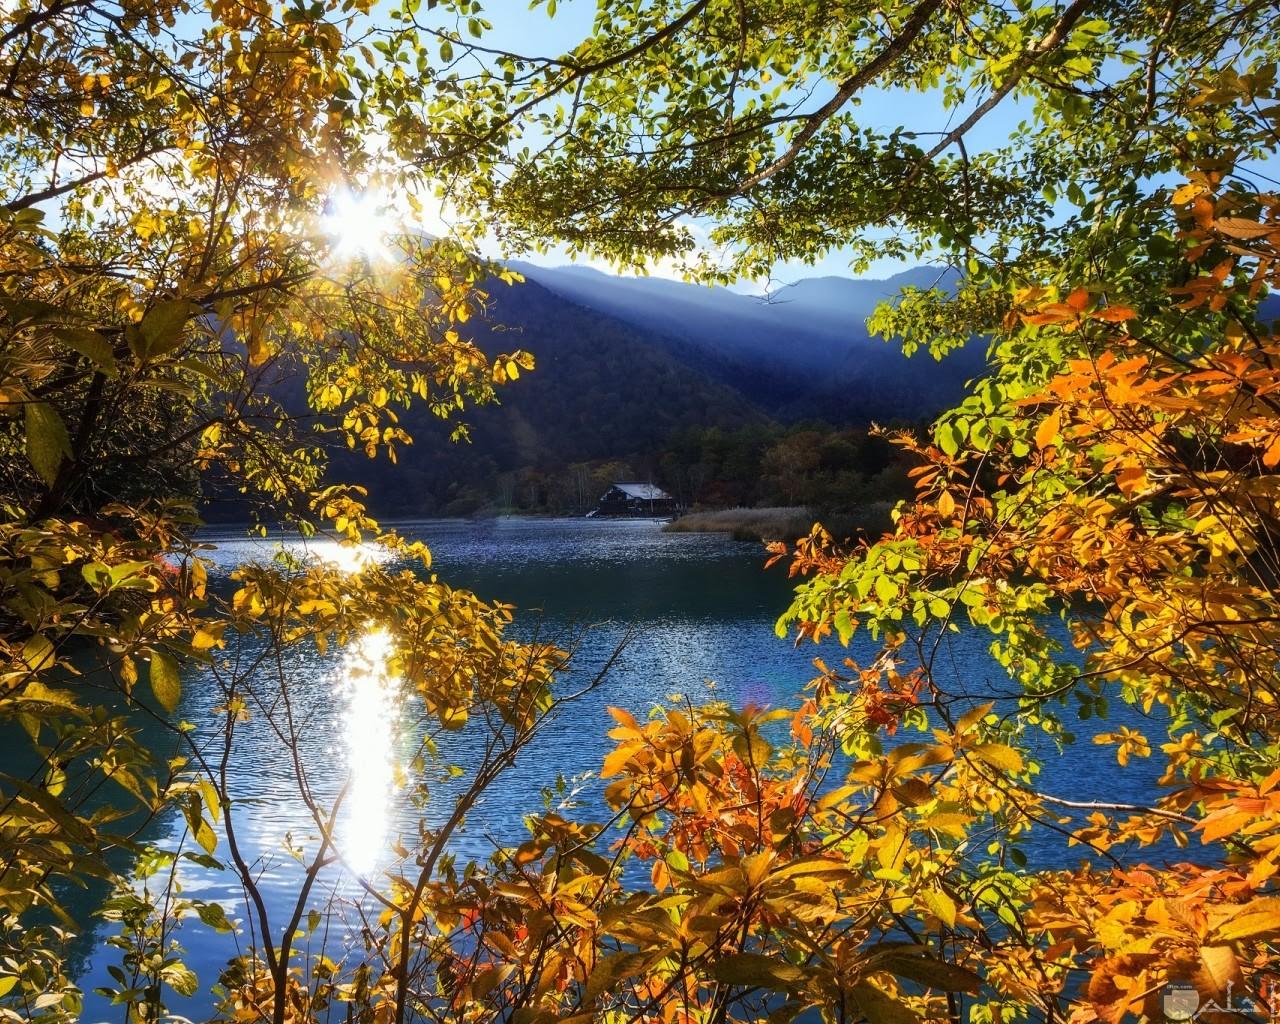 الاشجار واشعة الشمس مع منظر البحر الرائع